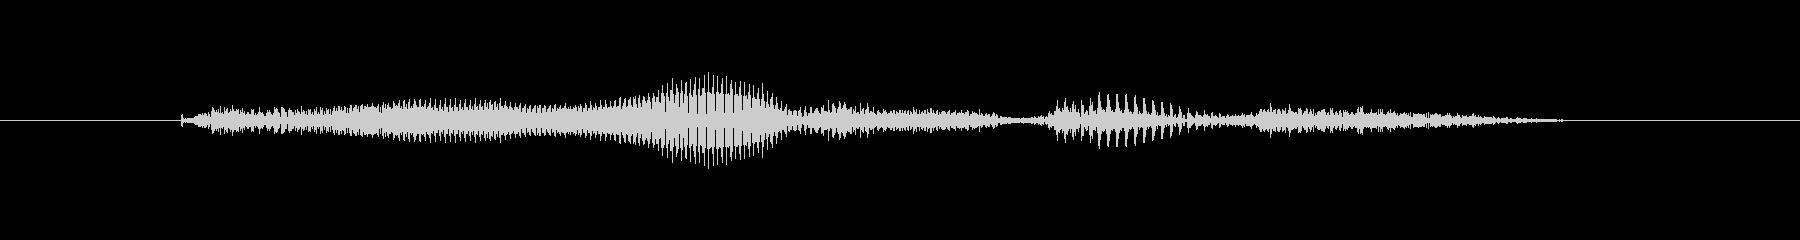 【時報・時間】14時ですの未再生の波形